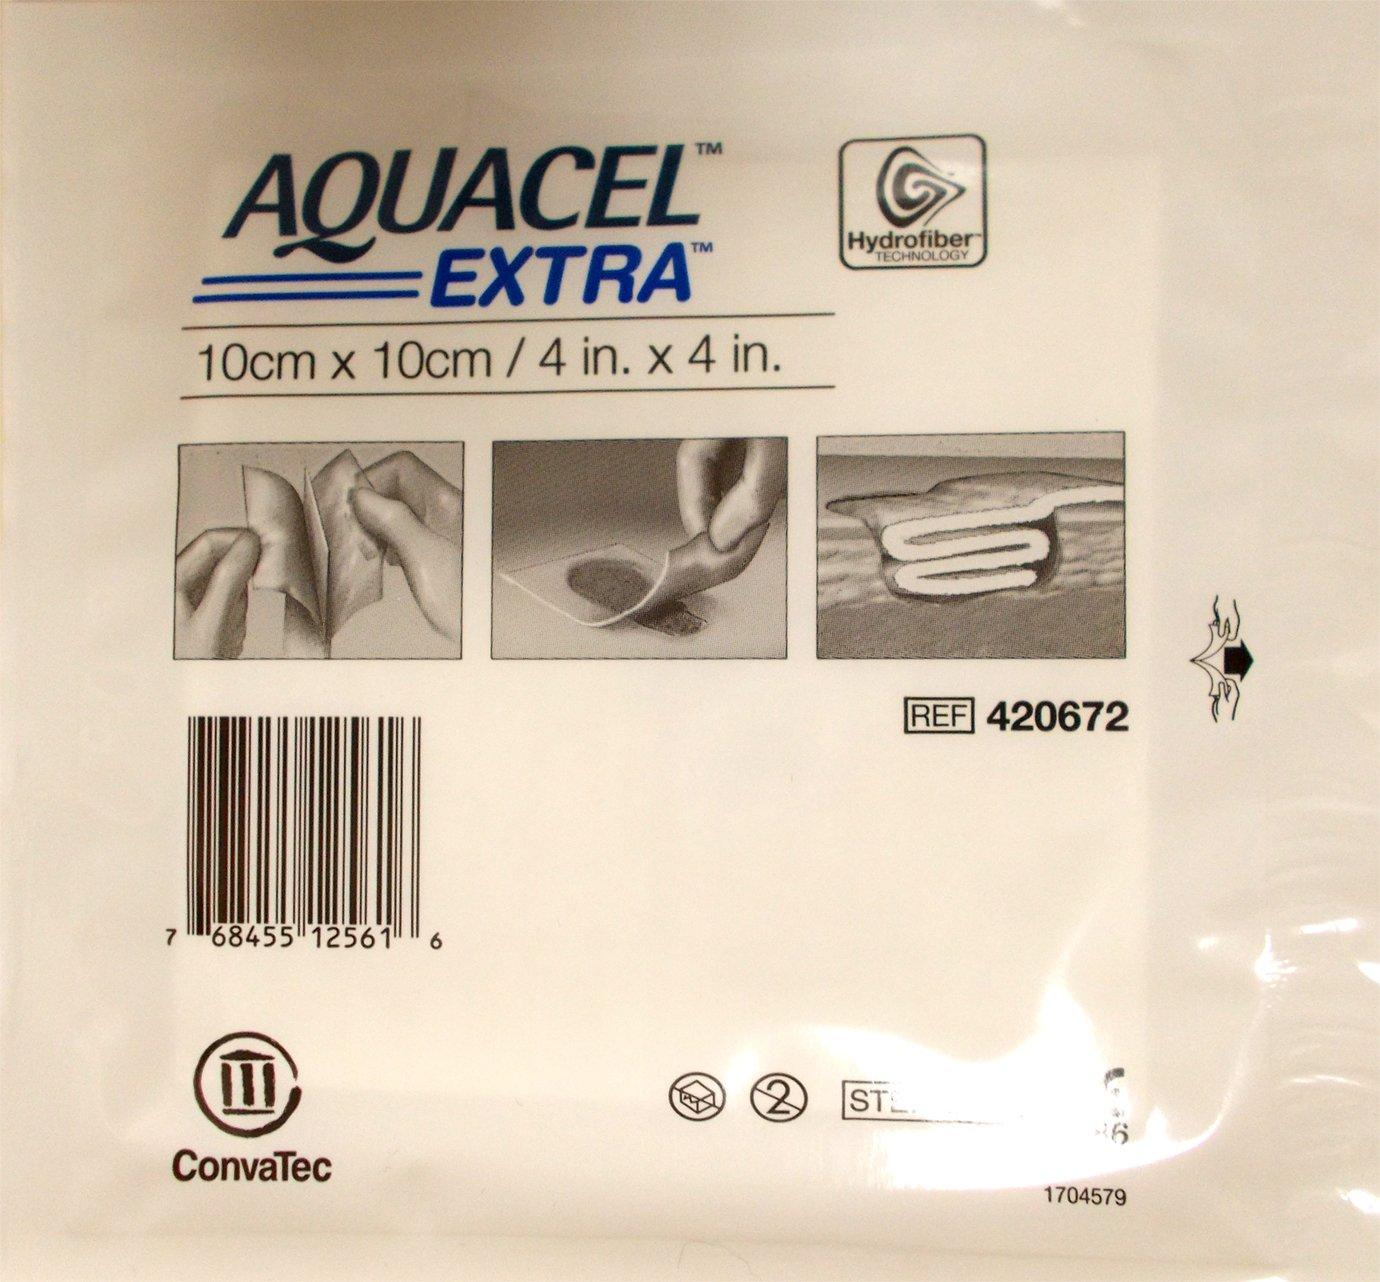 New and Improved AQUACEL® EXTRA Hydrofiber® Dressing 4'' x 4'' (10 Per Box) by Aquacel